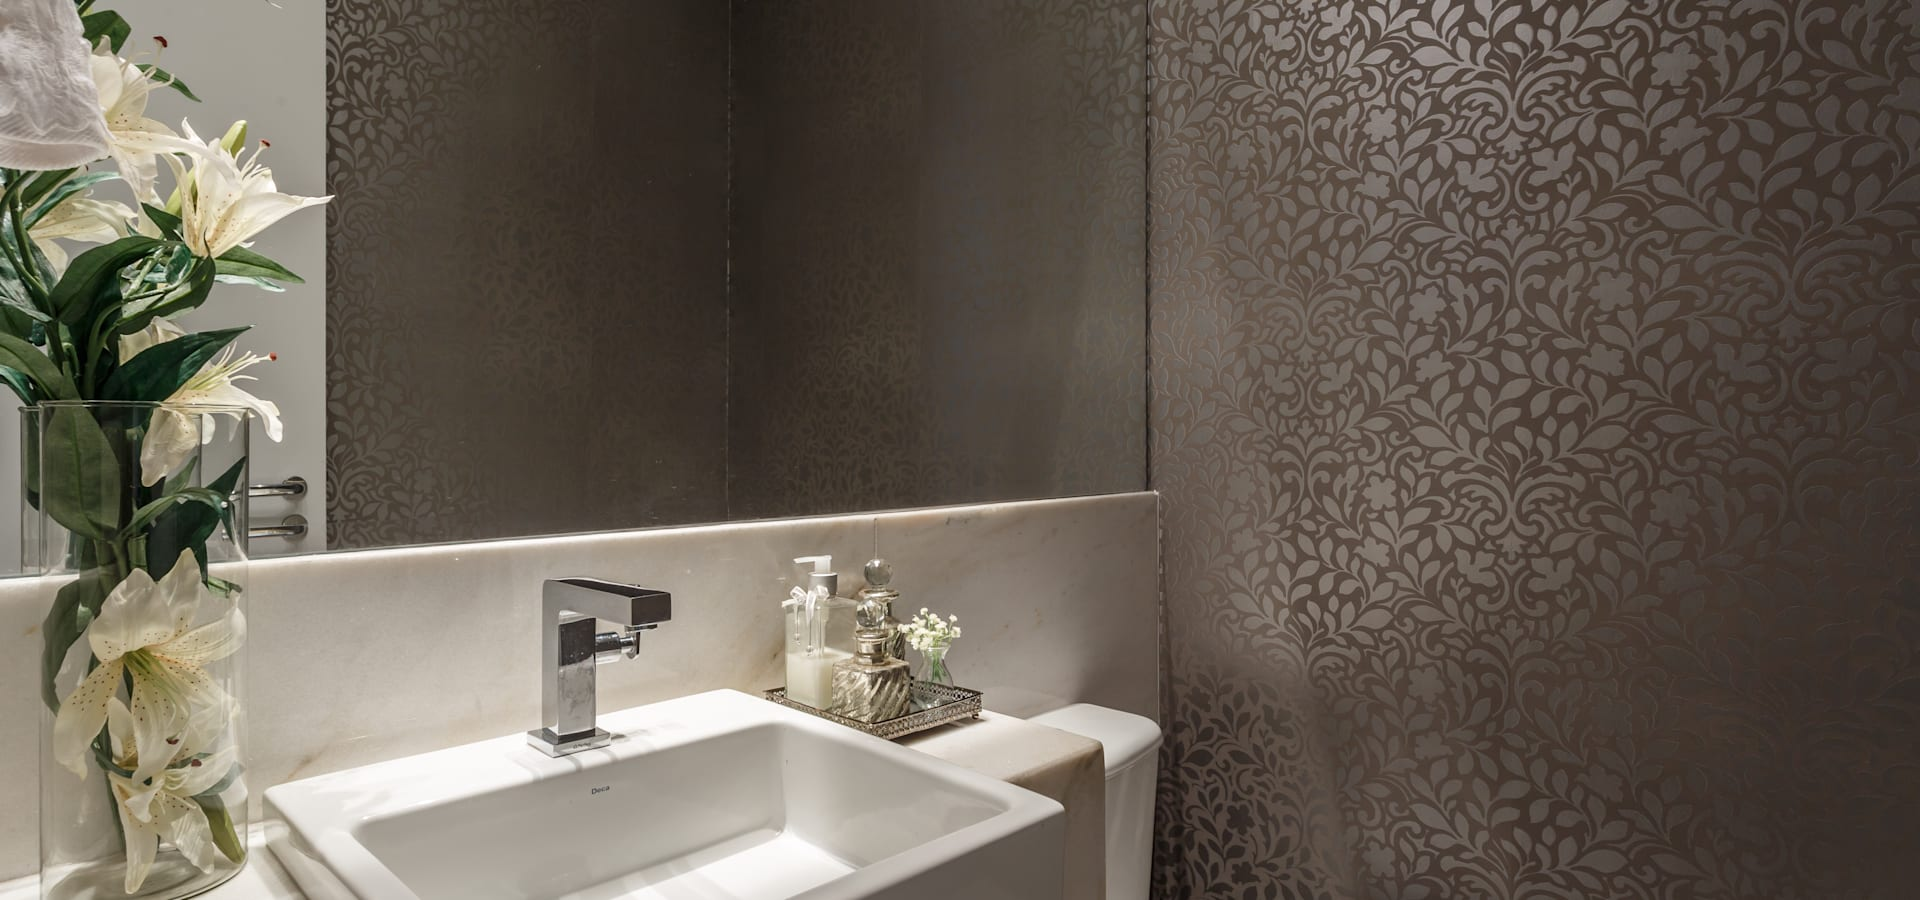 Morávia – Arquitetura e Interiores